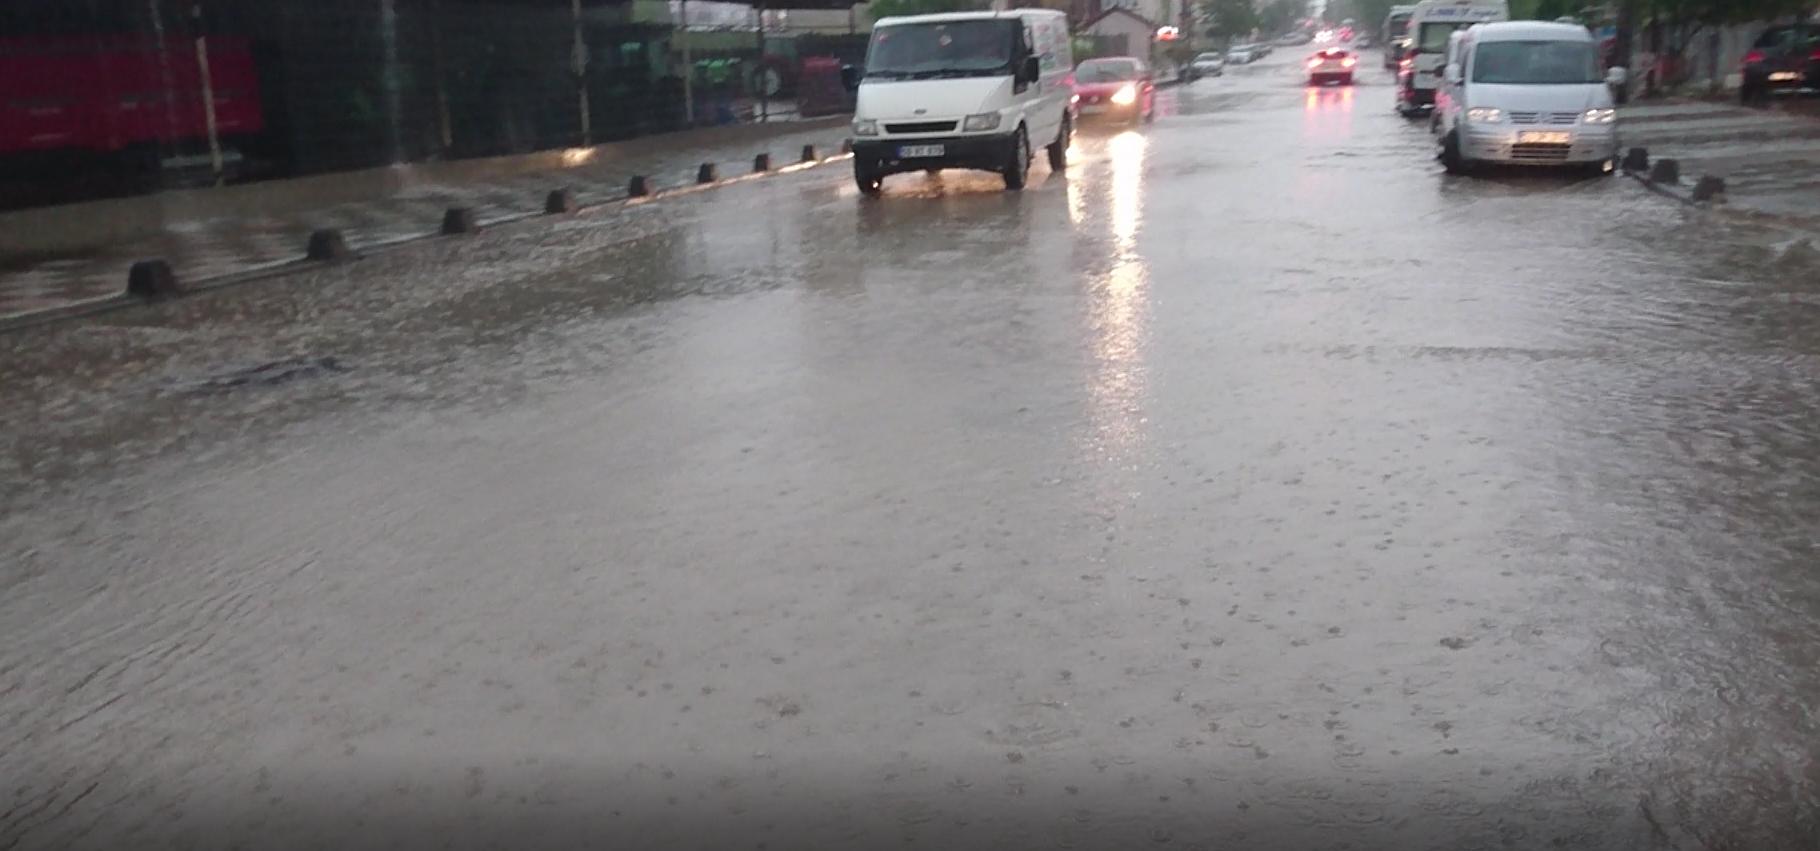 Büyük Şehir İlk Yağmurda Sınıfta Kaldı!